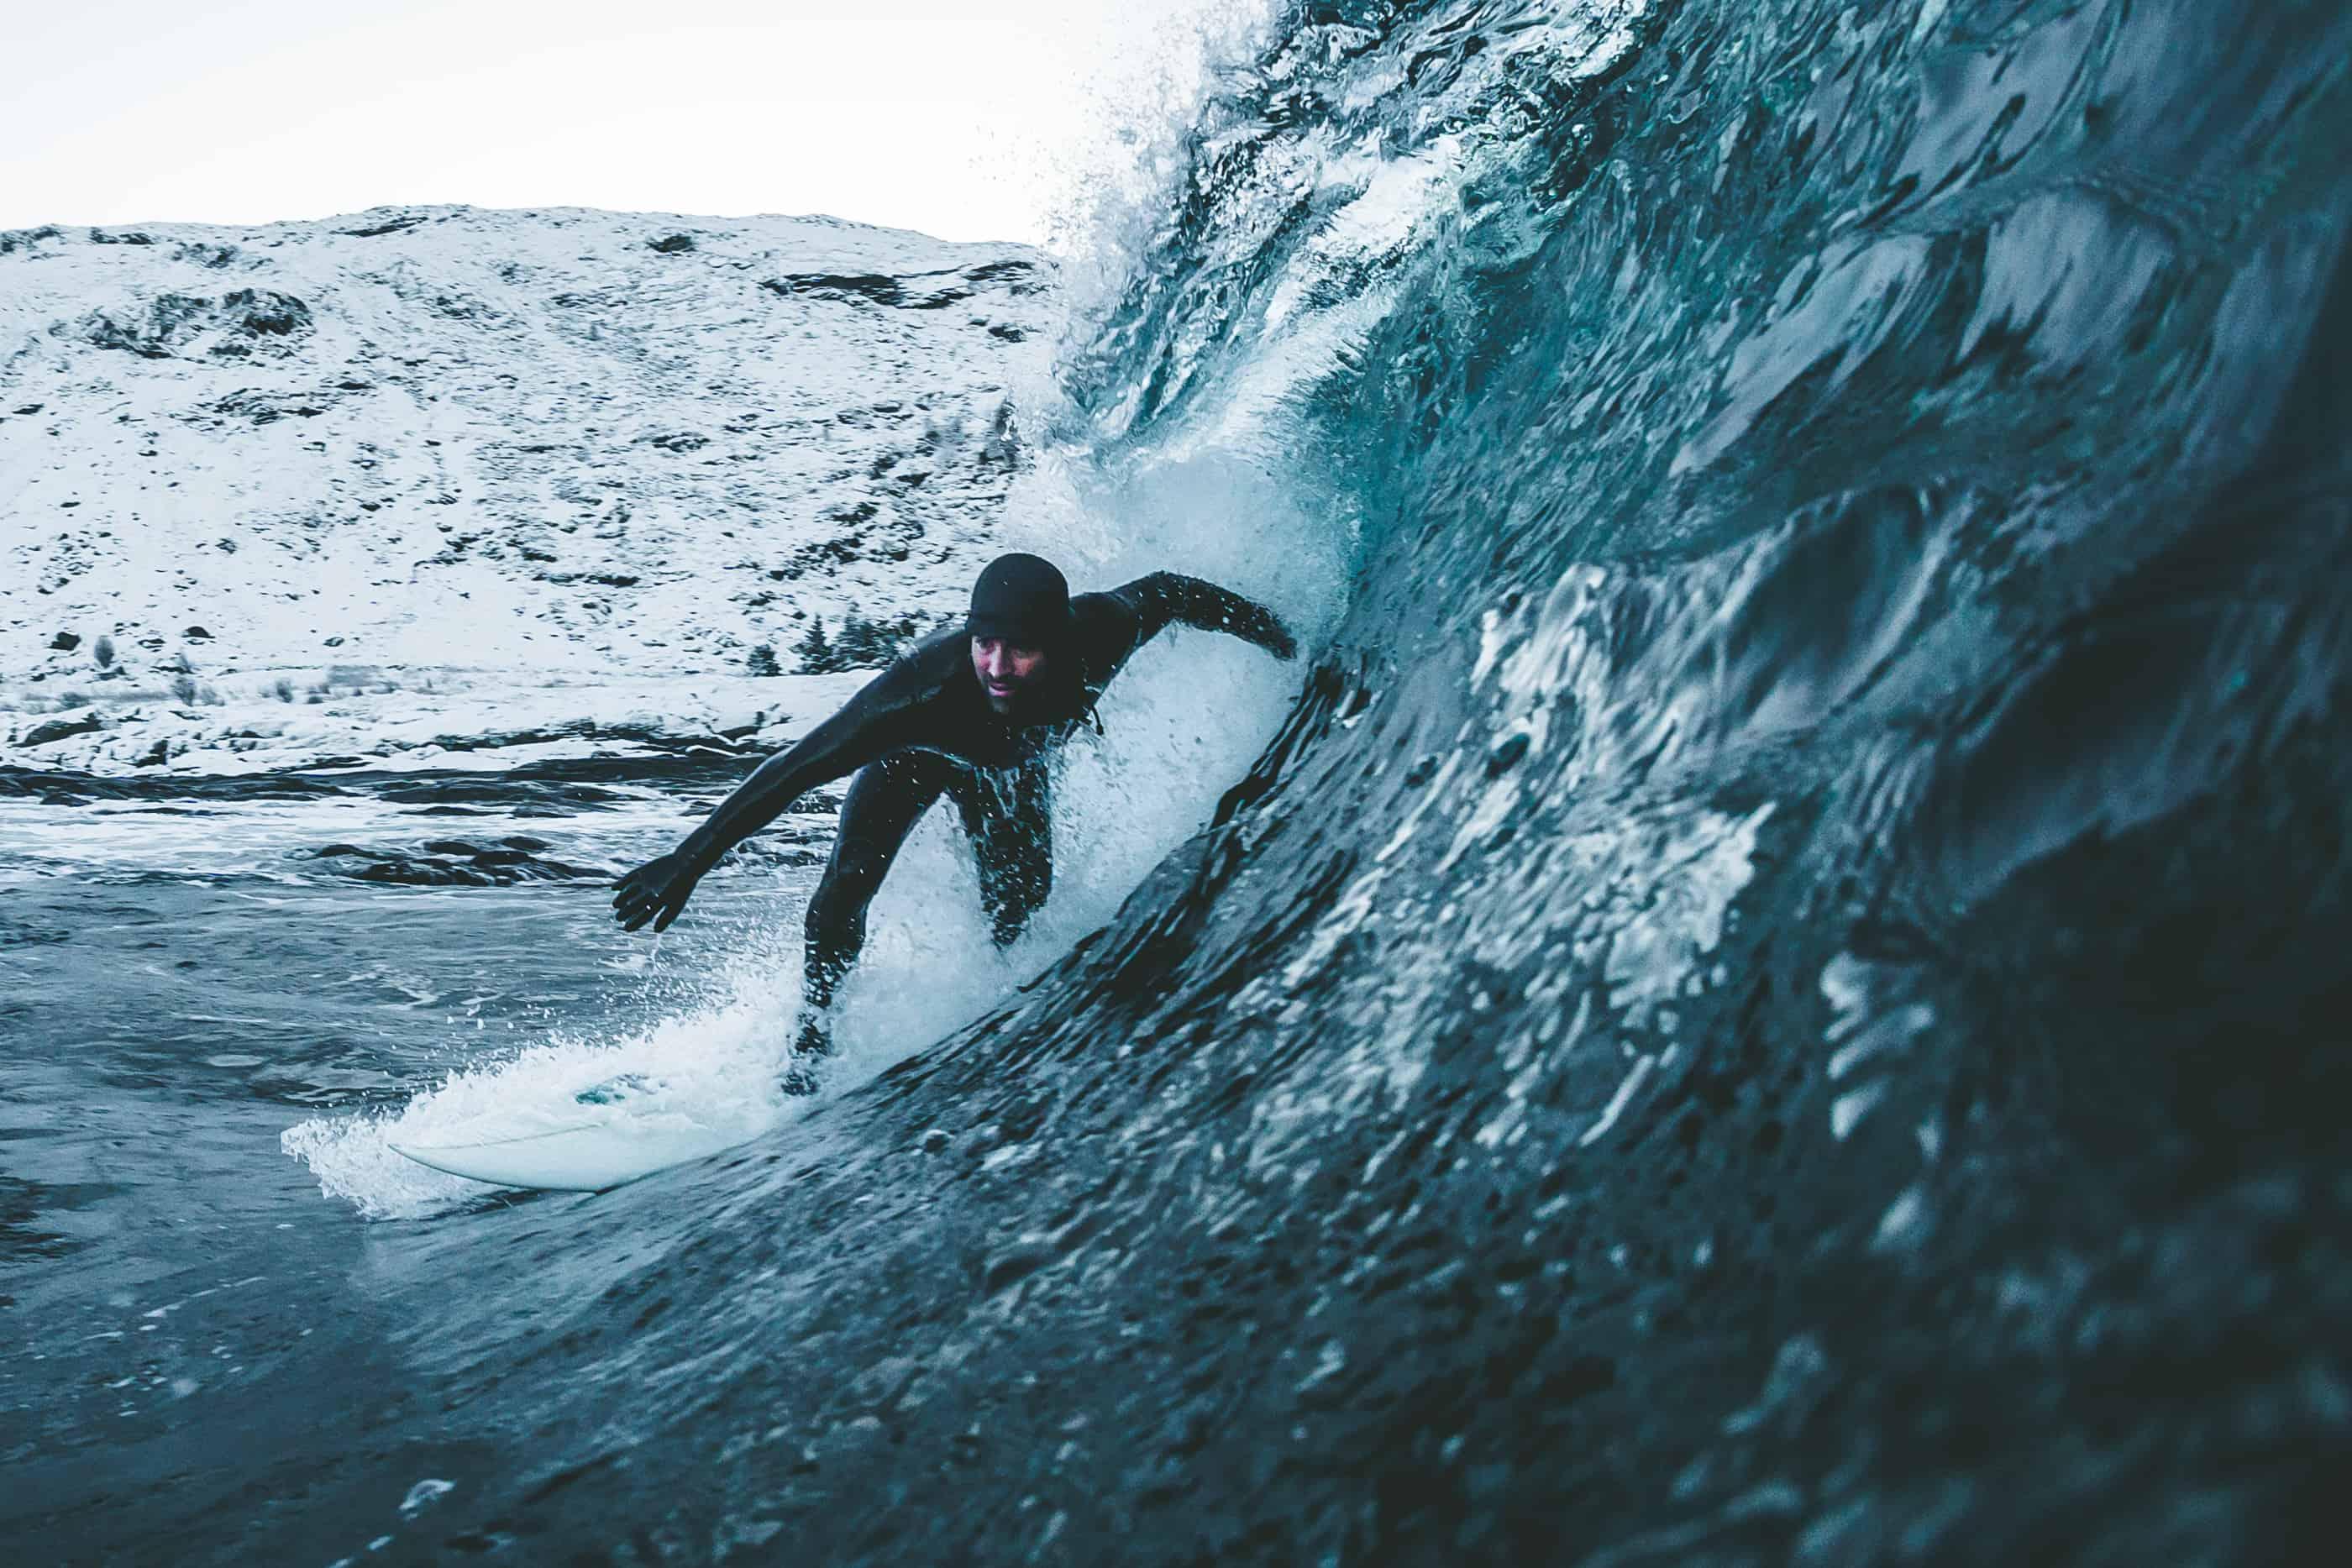 Jonas Forsberg - 30 November på Sunnmöre. En Australiensare och en Kanadick de endasurfarna i vattnet i minusgrader. Seamus Fox framför kameran.